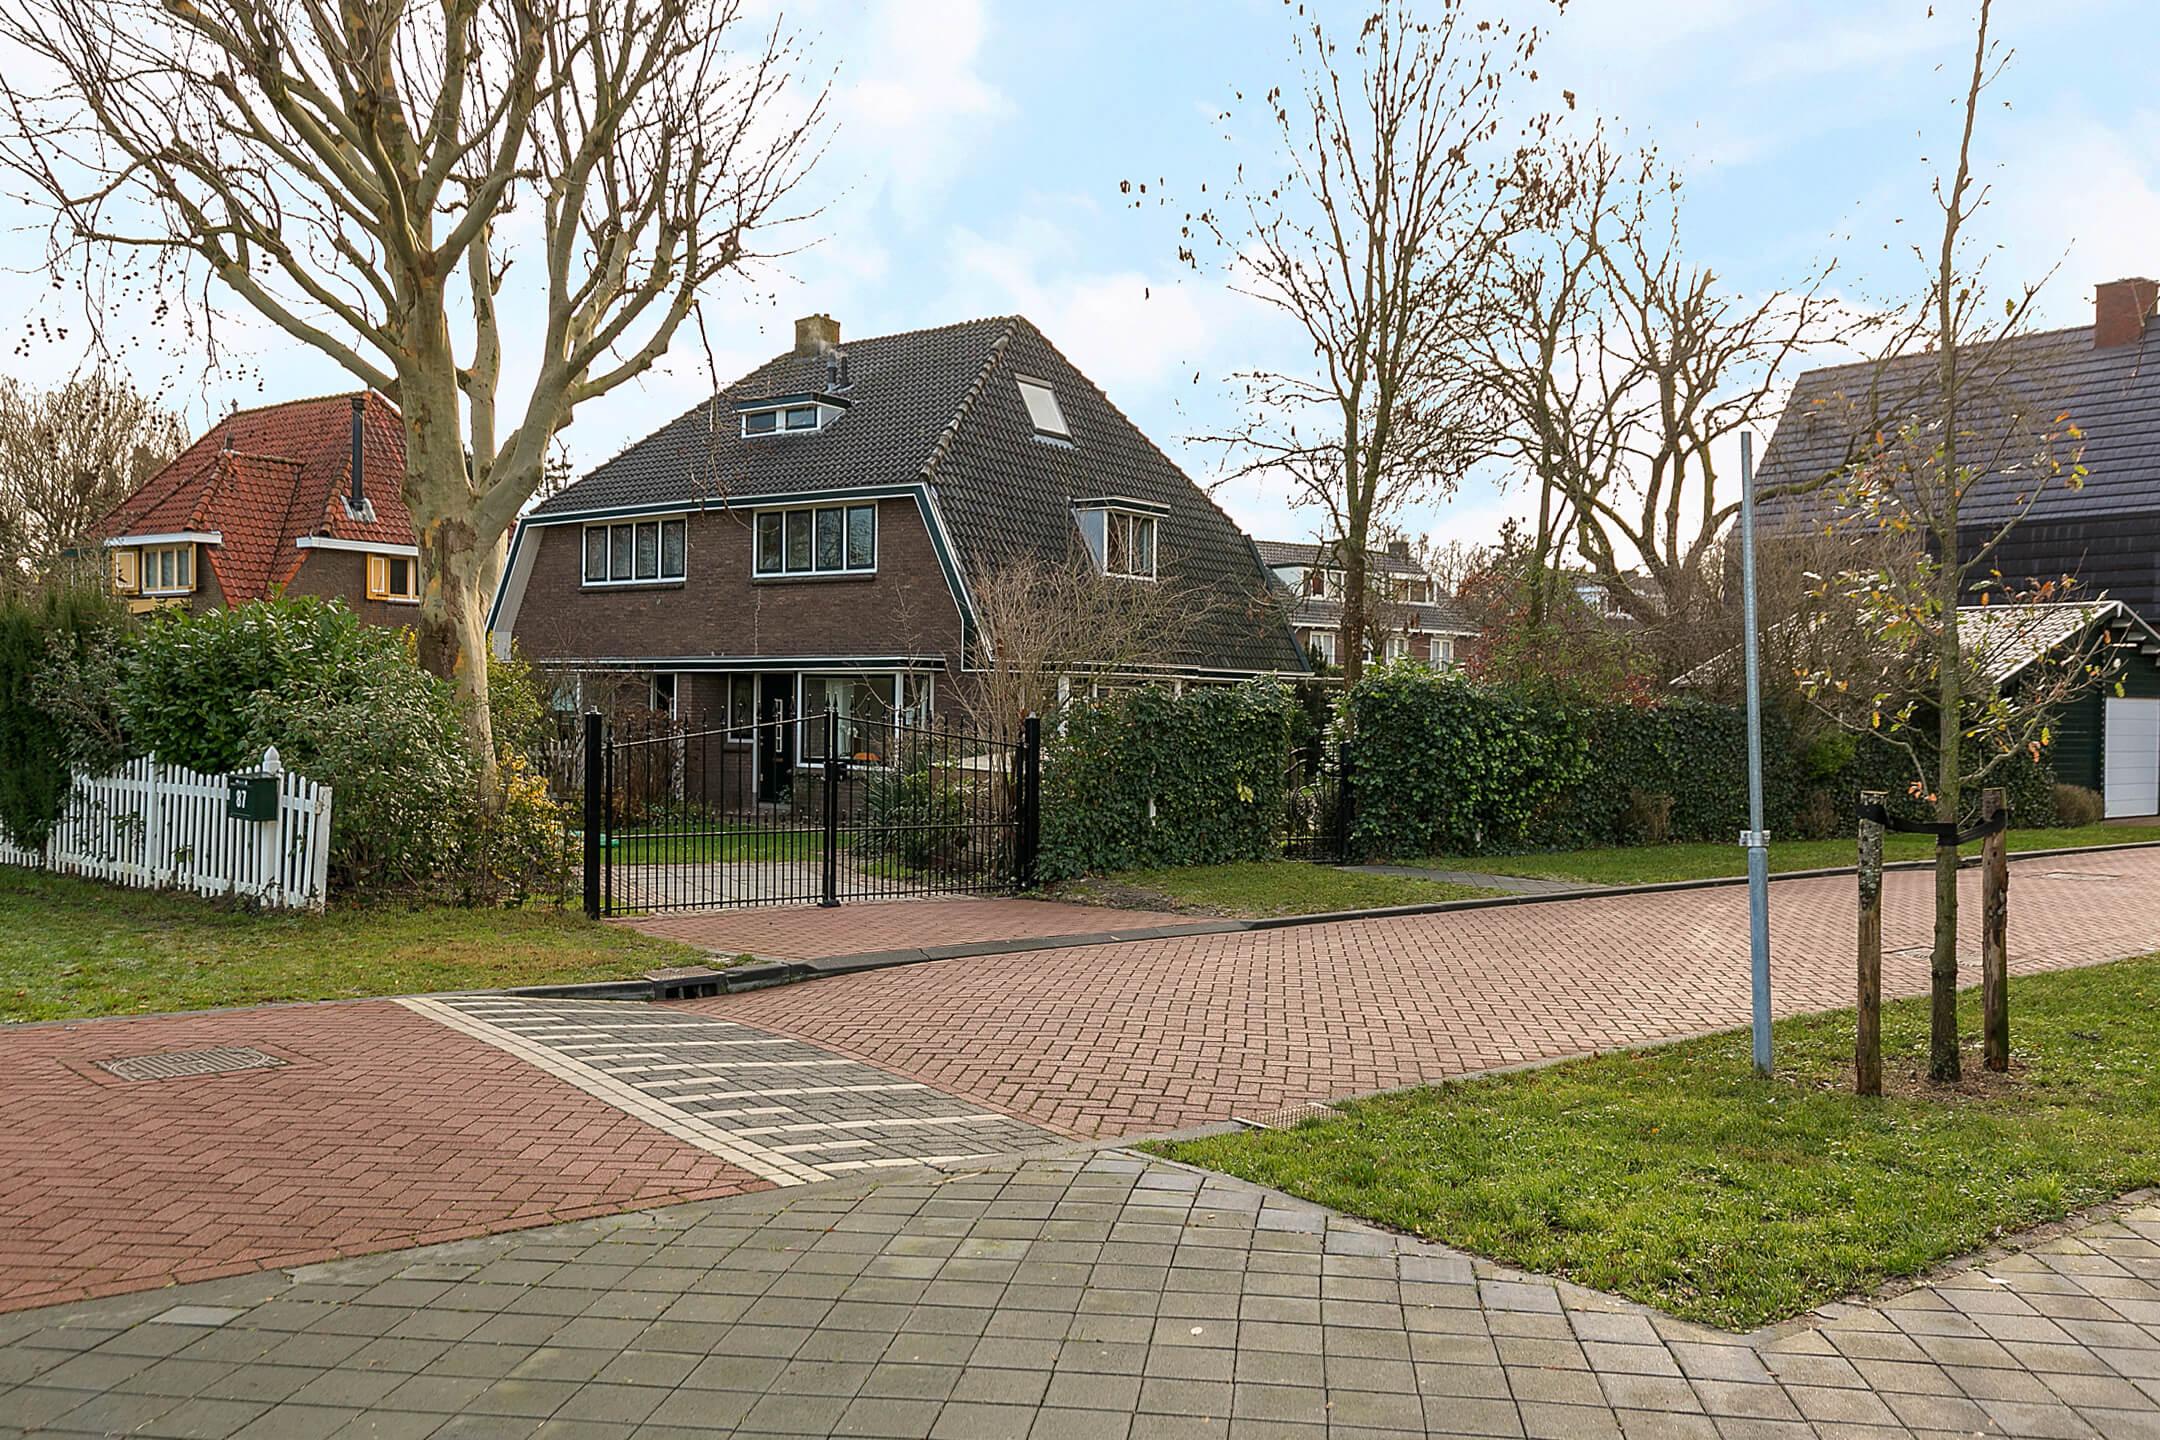 Huis verkocht door Dina voor Mark & Loes